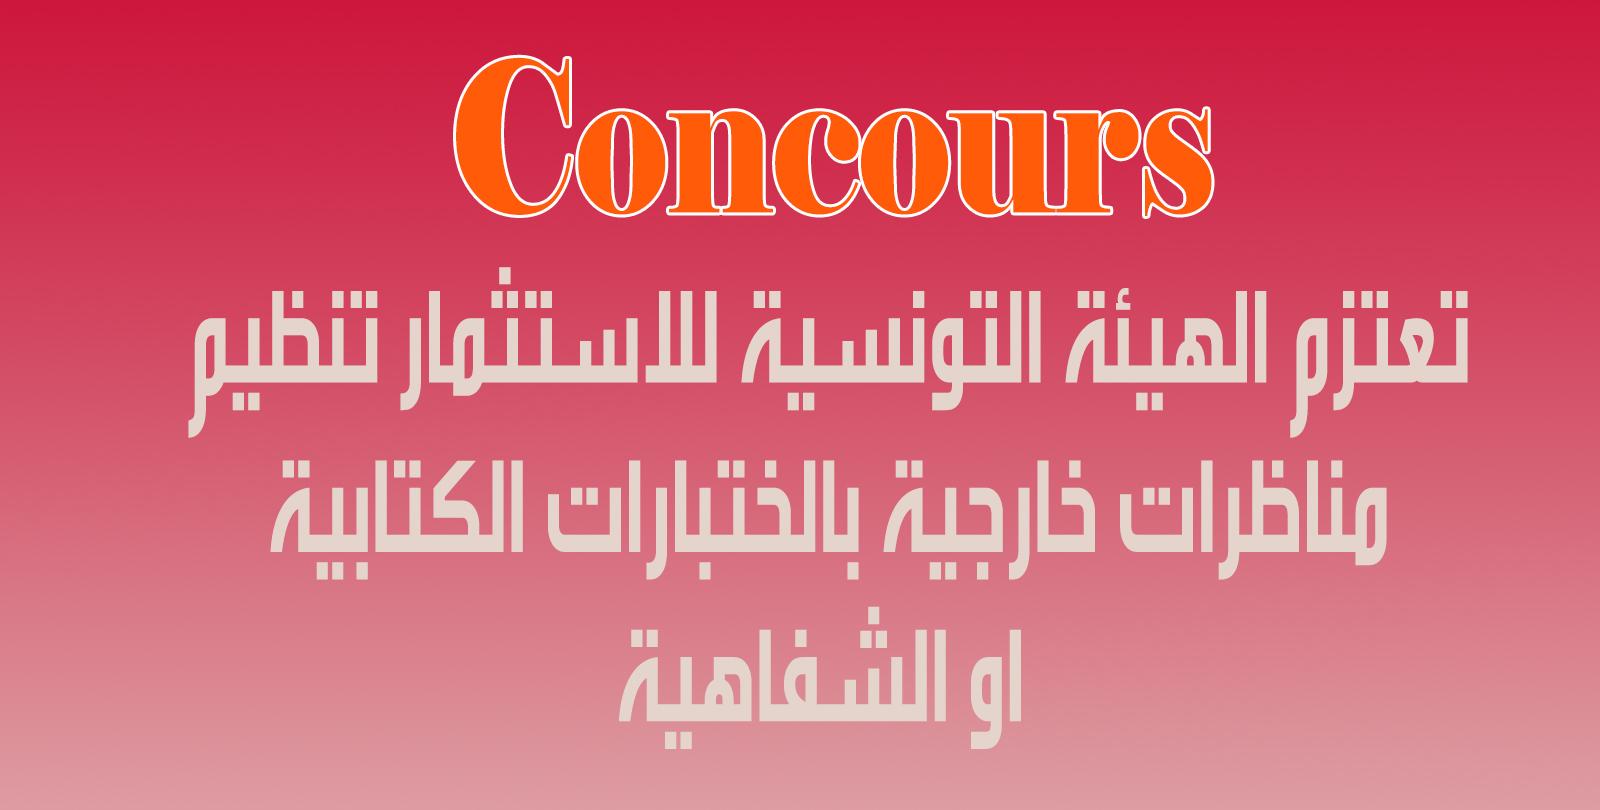 الهيئة التونسية للاستثمار تنظيم مناظرات خارجية لانتداب اطارات